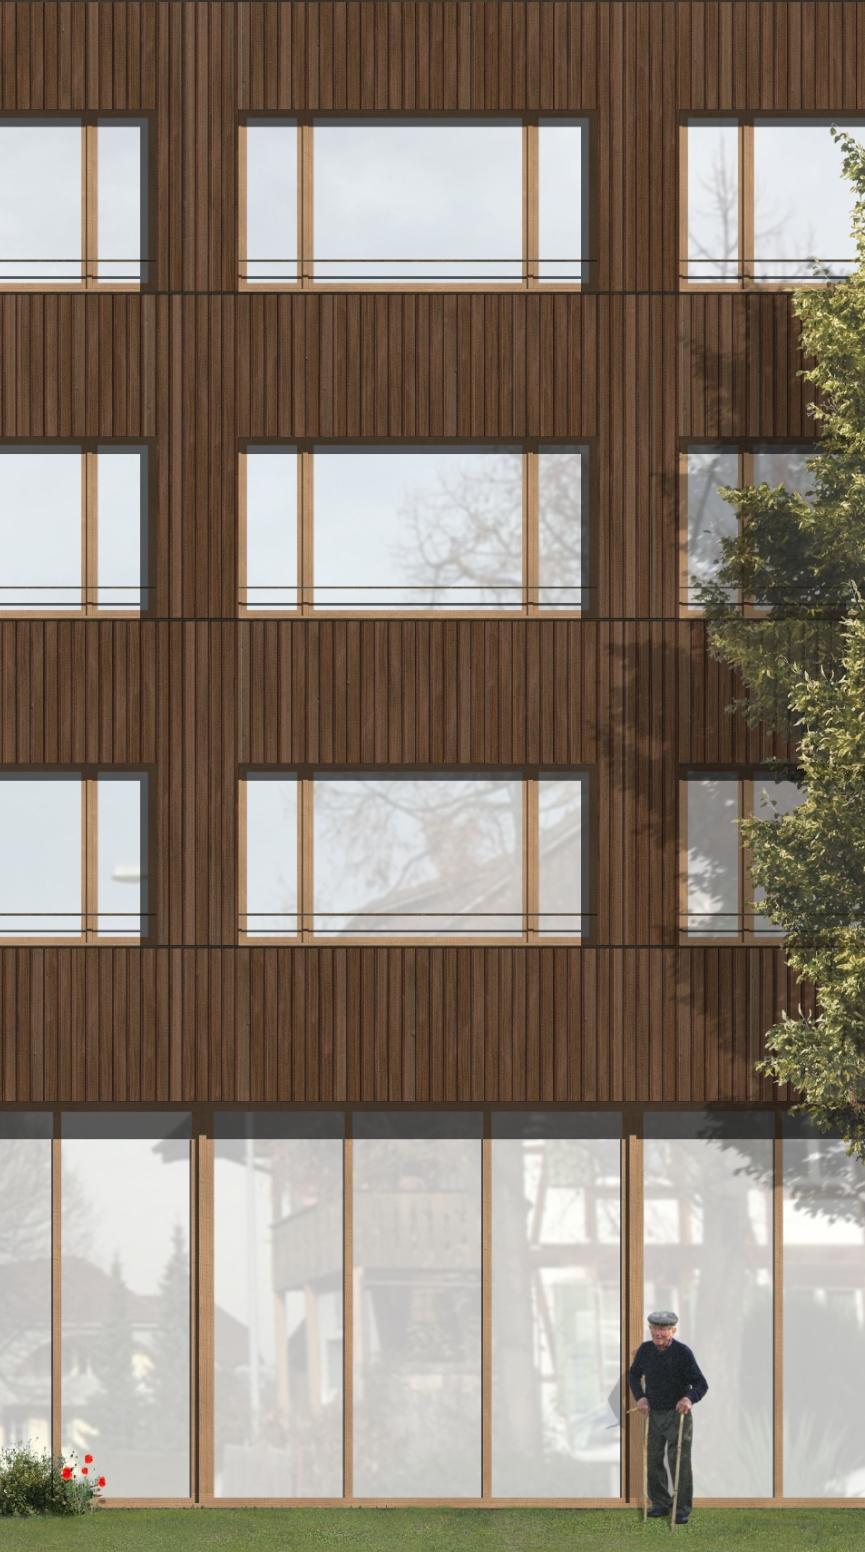 491 6 Fassadeausschnitt